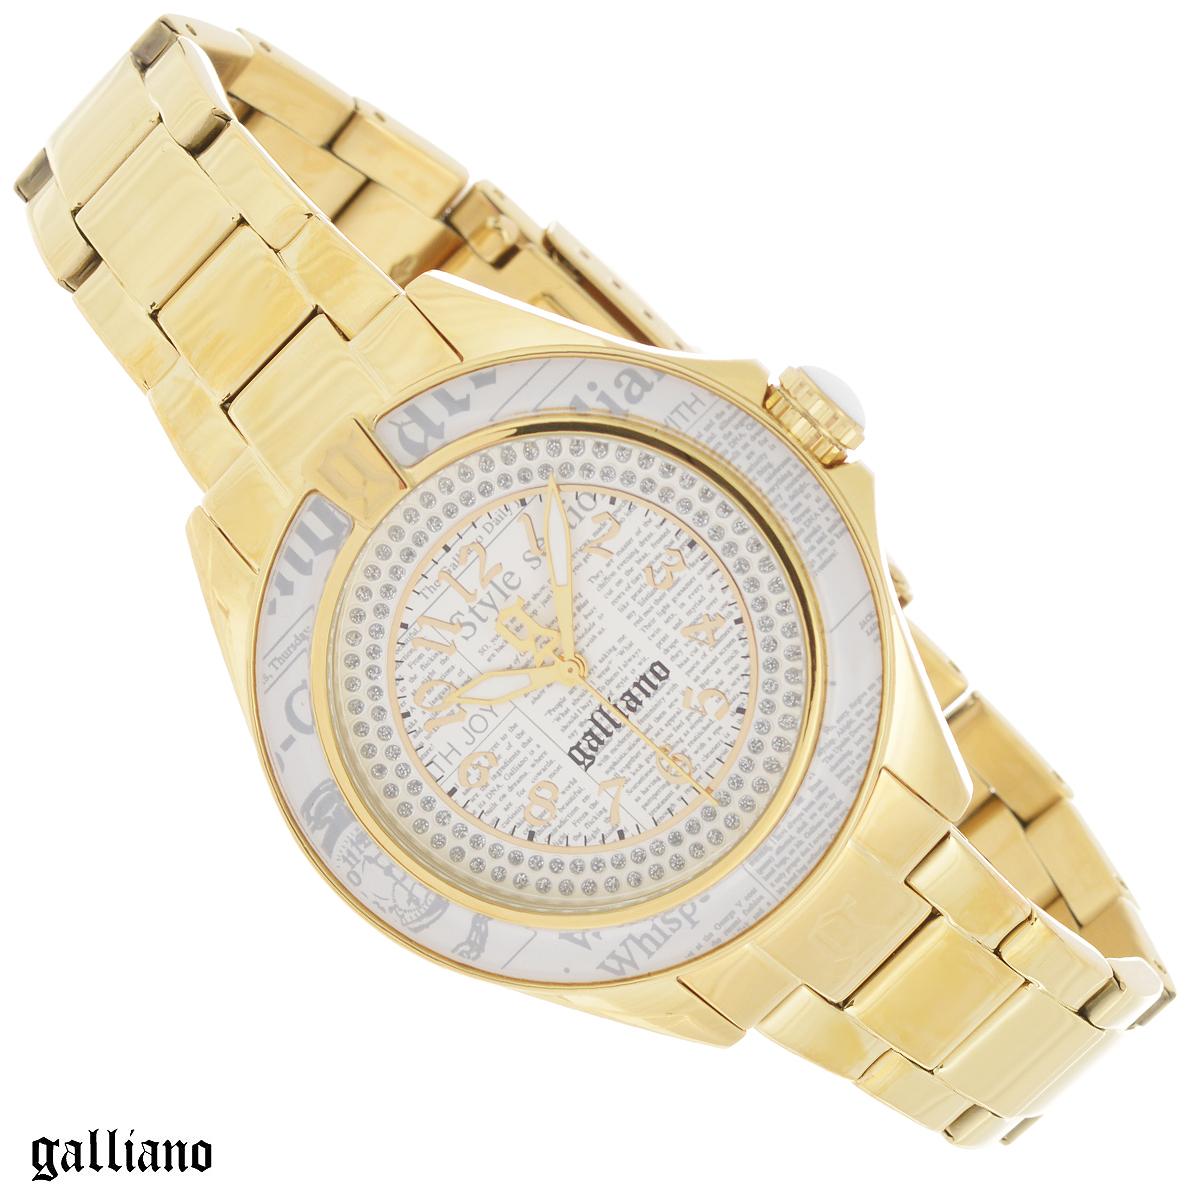 Часы женские наручные Galliano, цвет: золотой. R2553105505R2553105505Наручные женские часы Galliano оснащены кварцевым механизмом. Корпус выполнен из высококачественной нержавеющей стали с PVD-покрытием, безель - из высокотехнологичной смолы. Циферблат с арабскими цифрами декорирован кристаллами и защищен минеральным стеклом. Часы имеют три стрелки - часовую, минутную и секундную. Заводная головка с защитой украшена камнем в форме кабошона. Циферблат и безель украшены принтом газета. Браслет часов выполнен из нержавеющей стали с PVD-покрытием оснащен раскладывающейся застежкой. Часы укомплектованы паспортом с подробной инструкцией. Часы Galliano благодаря своему великолепному дизайну и качеству исполнения станут главным акцентом вашего образа. Характеристики: Диаметр циферблата: 2,9 см. Размер корпуса: 3,9 см х 3,9 см х 1 см. Длина браслета (с корпусом): 24,5 см. Ширина браслета: 1,5 см.